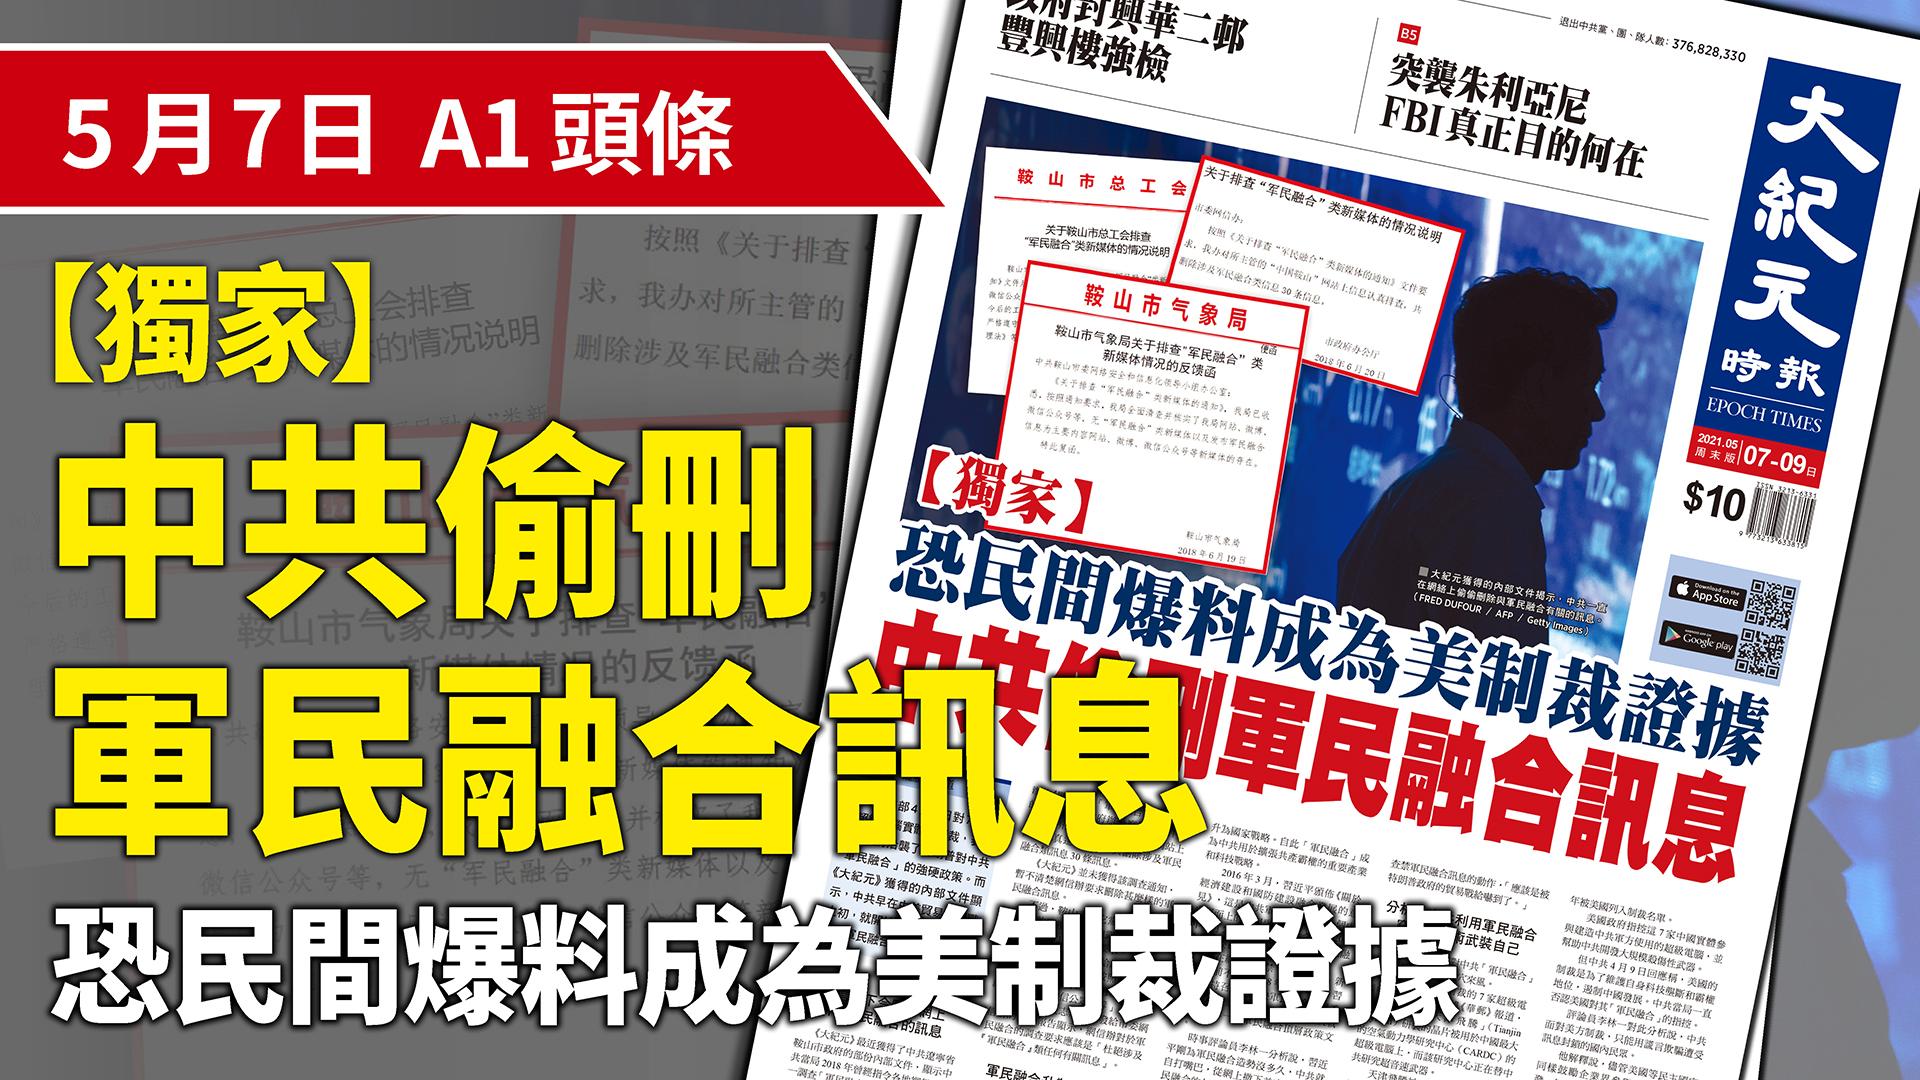 大紀元獲得的內部文件揭示,中共一直在網絡上偷偷刪除與軍民融合有關的信息。(FRED DUFOUR/AFP/Getty Images)